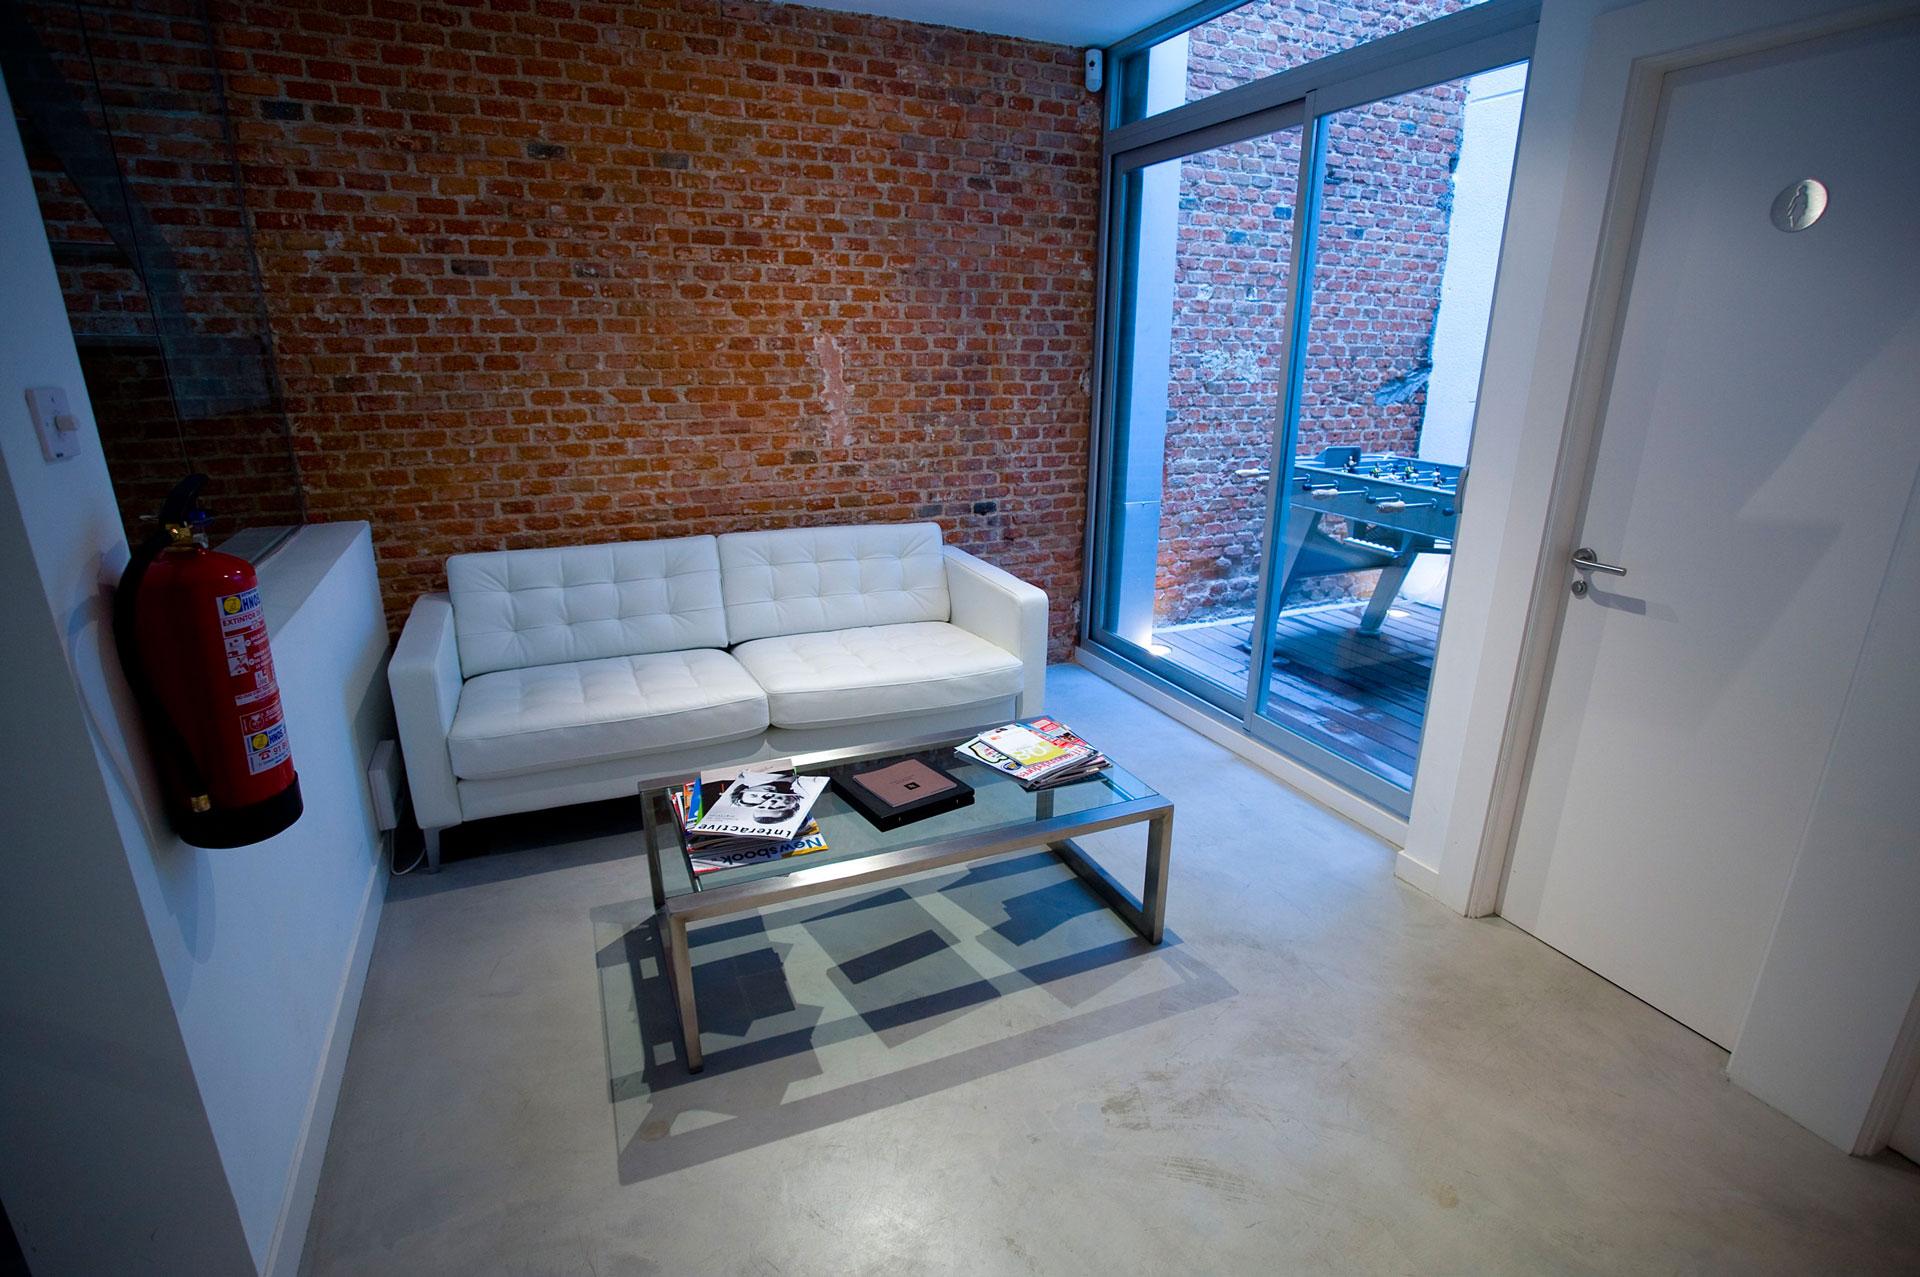 Ufficio con pavimento in microcemento bianco e divano e tavolino